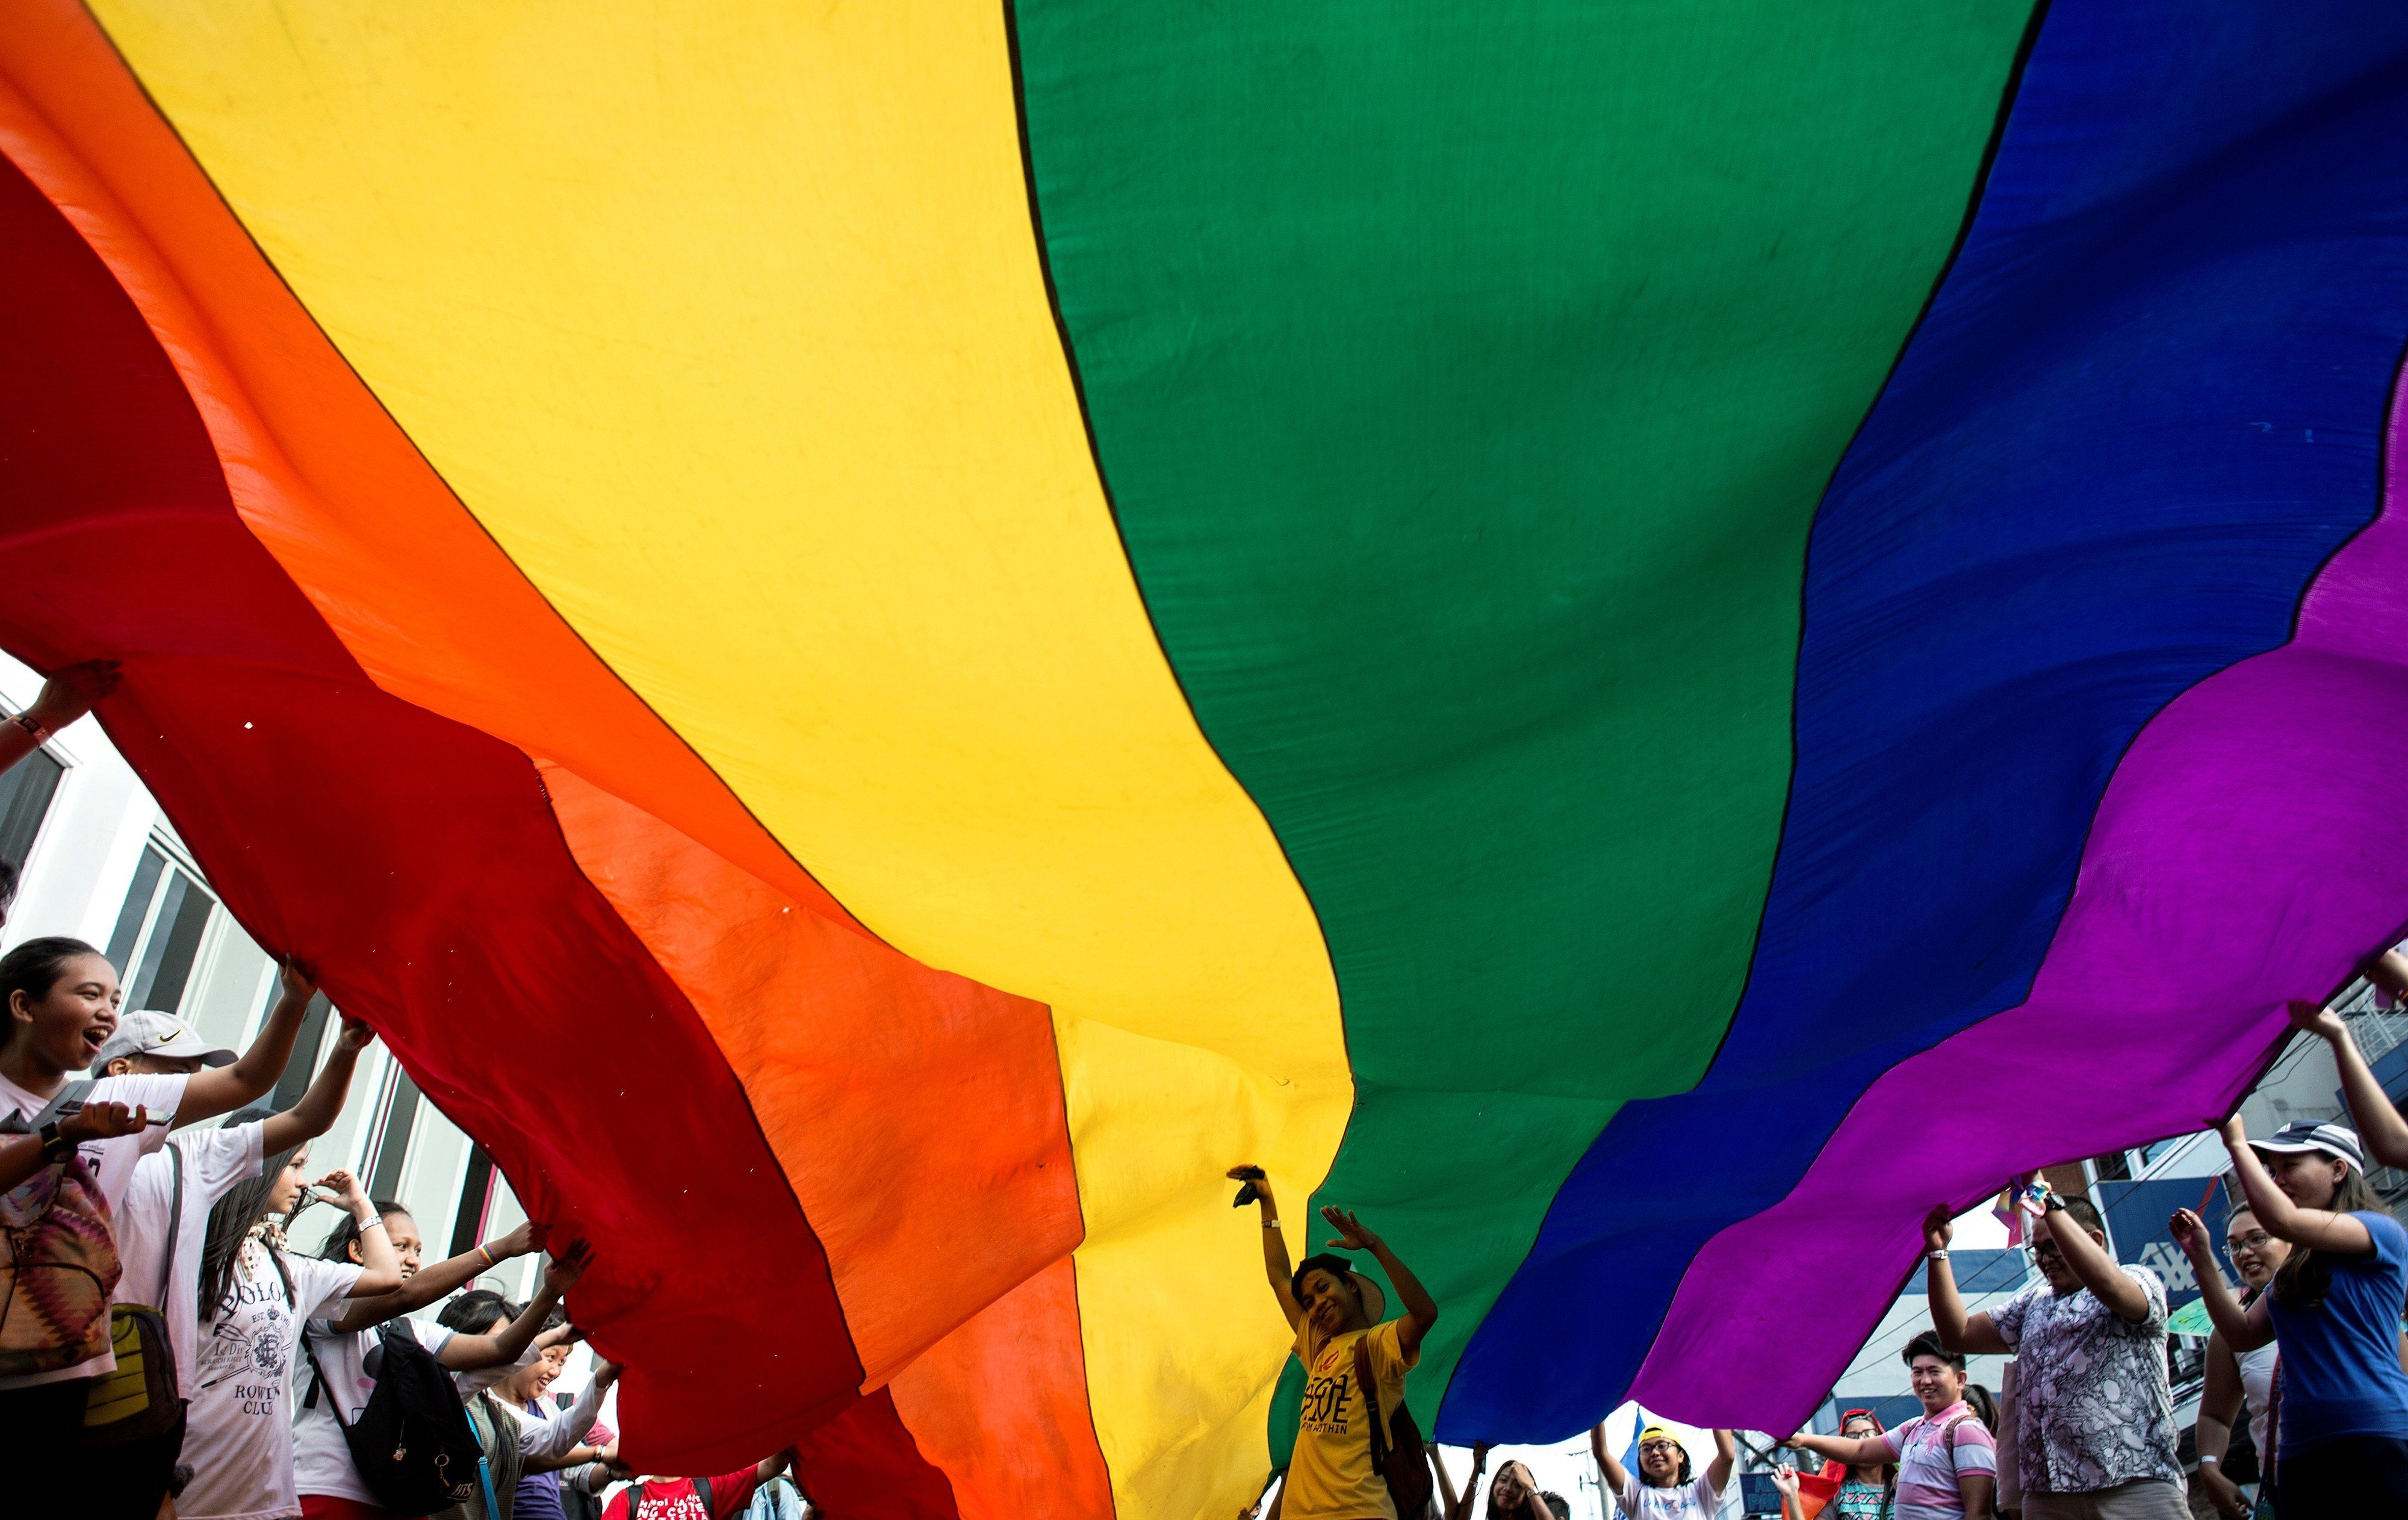 필리핀 대법원이 동성결혼 법제화 구두변론을